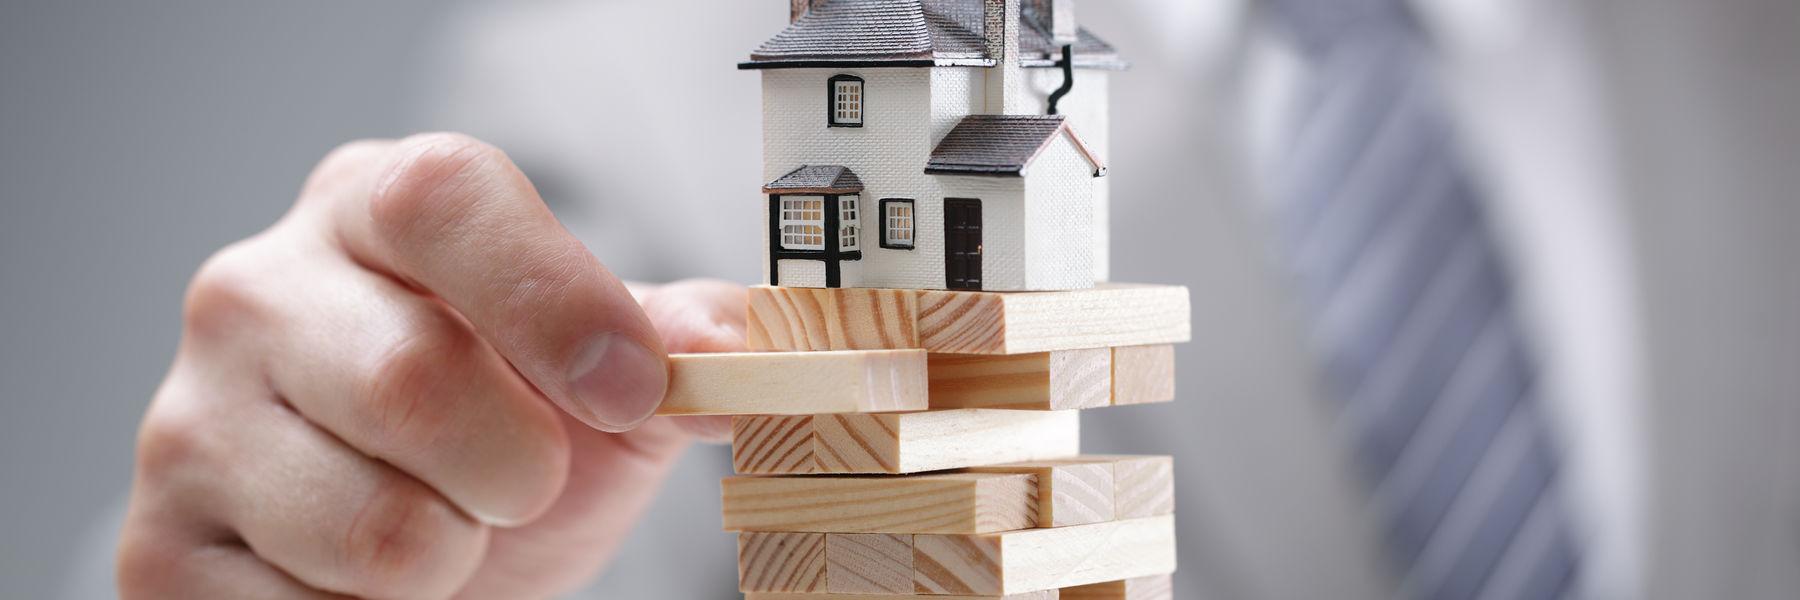 Риски покупки недвижимости